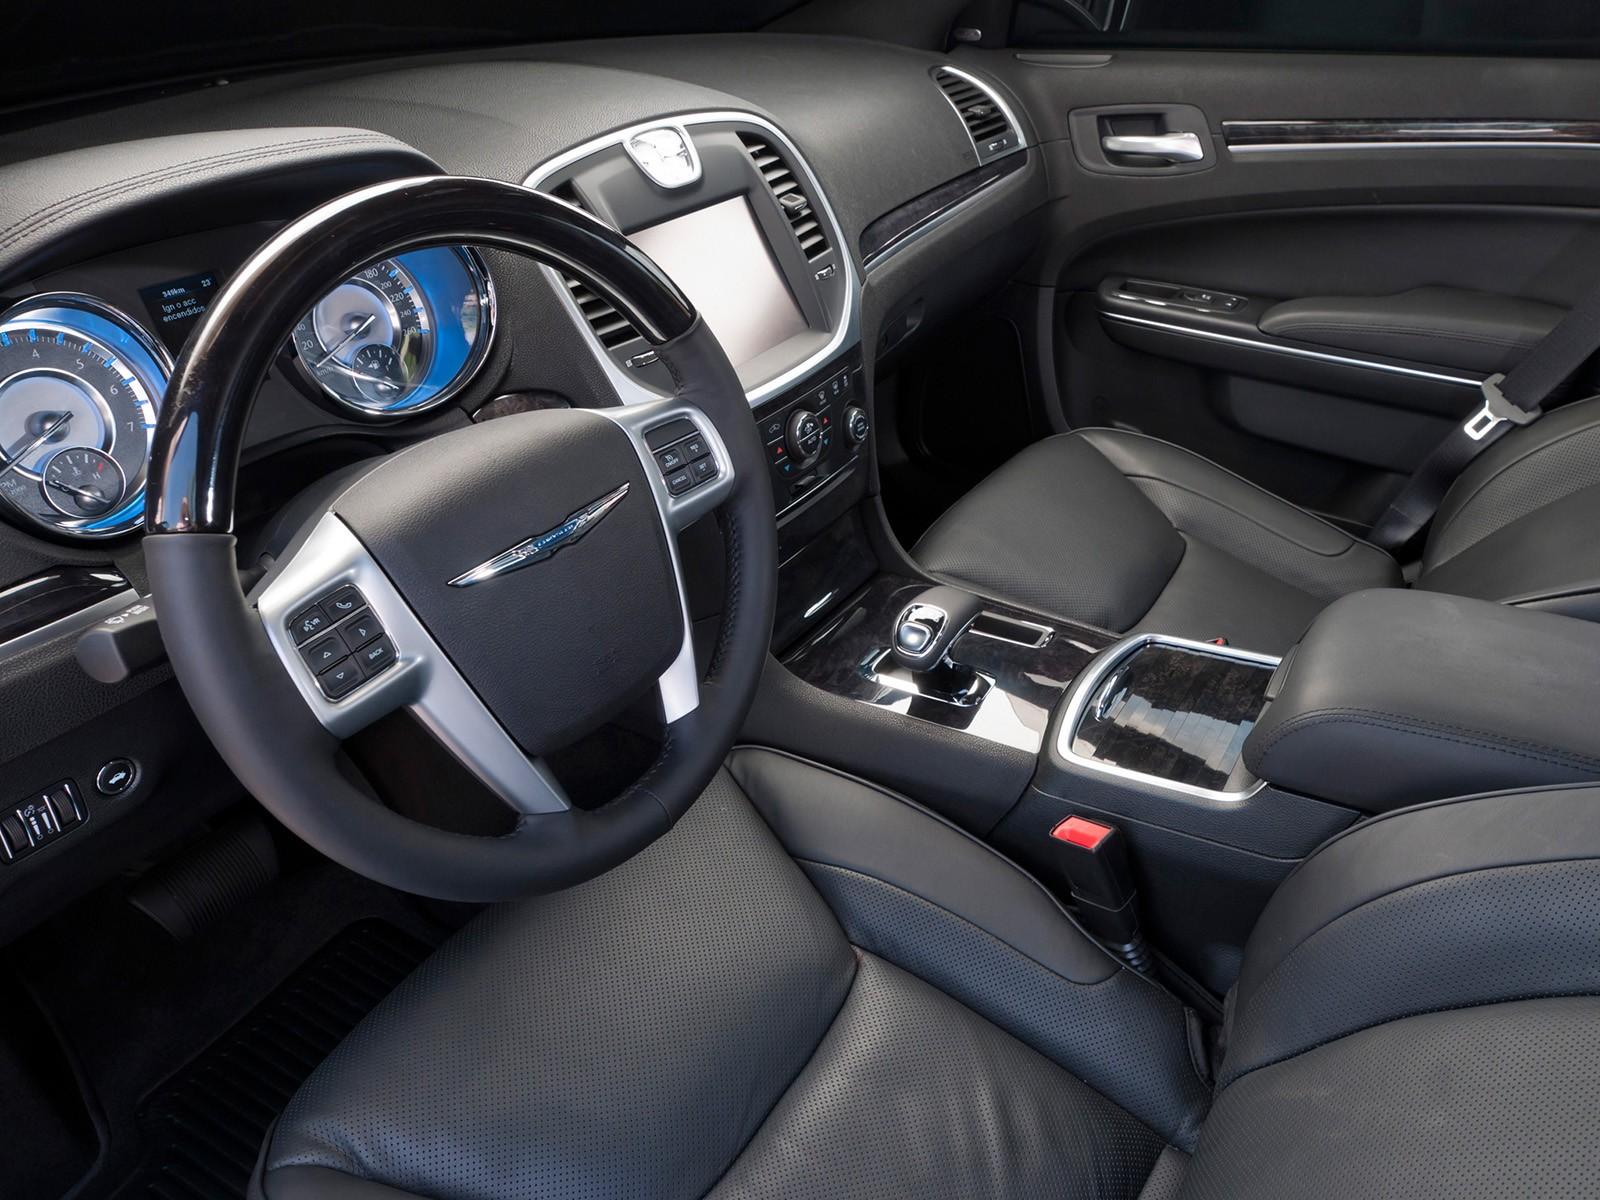 Еще харизматичный, еще не гнилой: стоит ли покупать Chrysler 300C II за 1,3 миллиона рублей